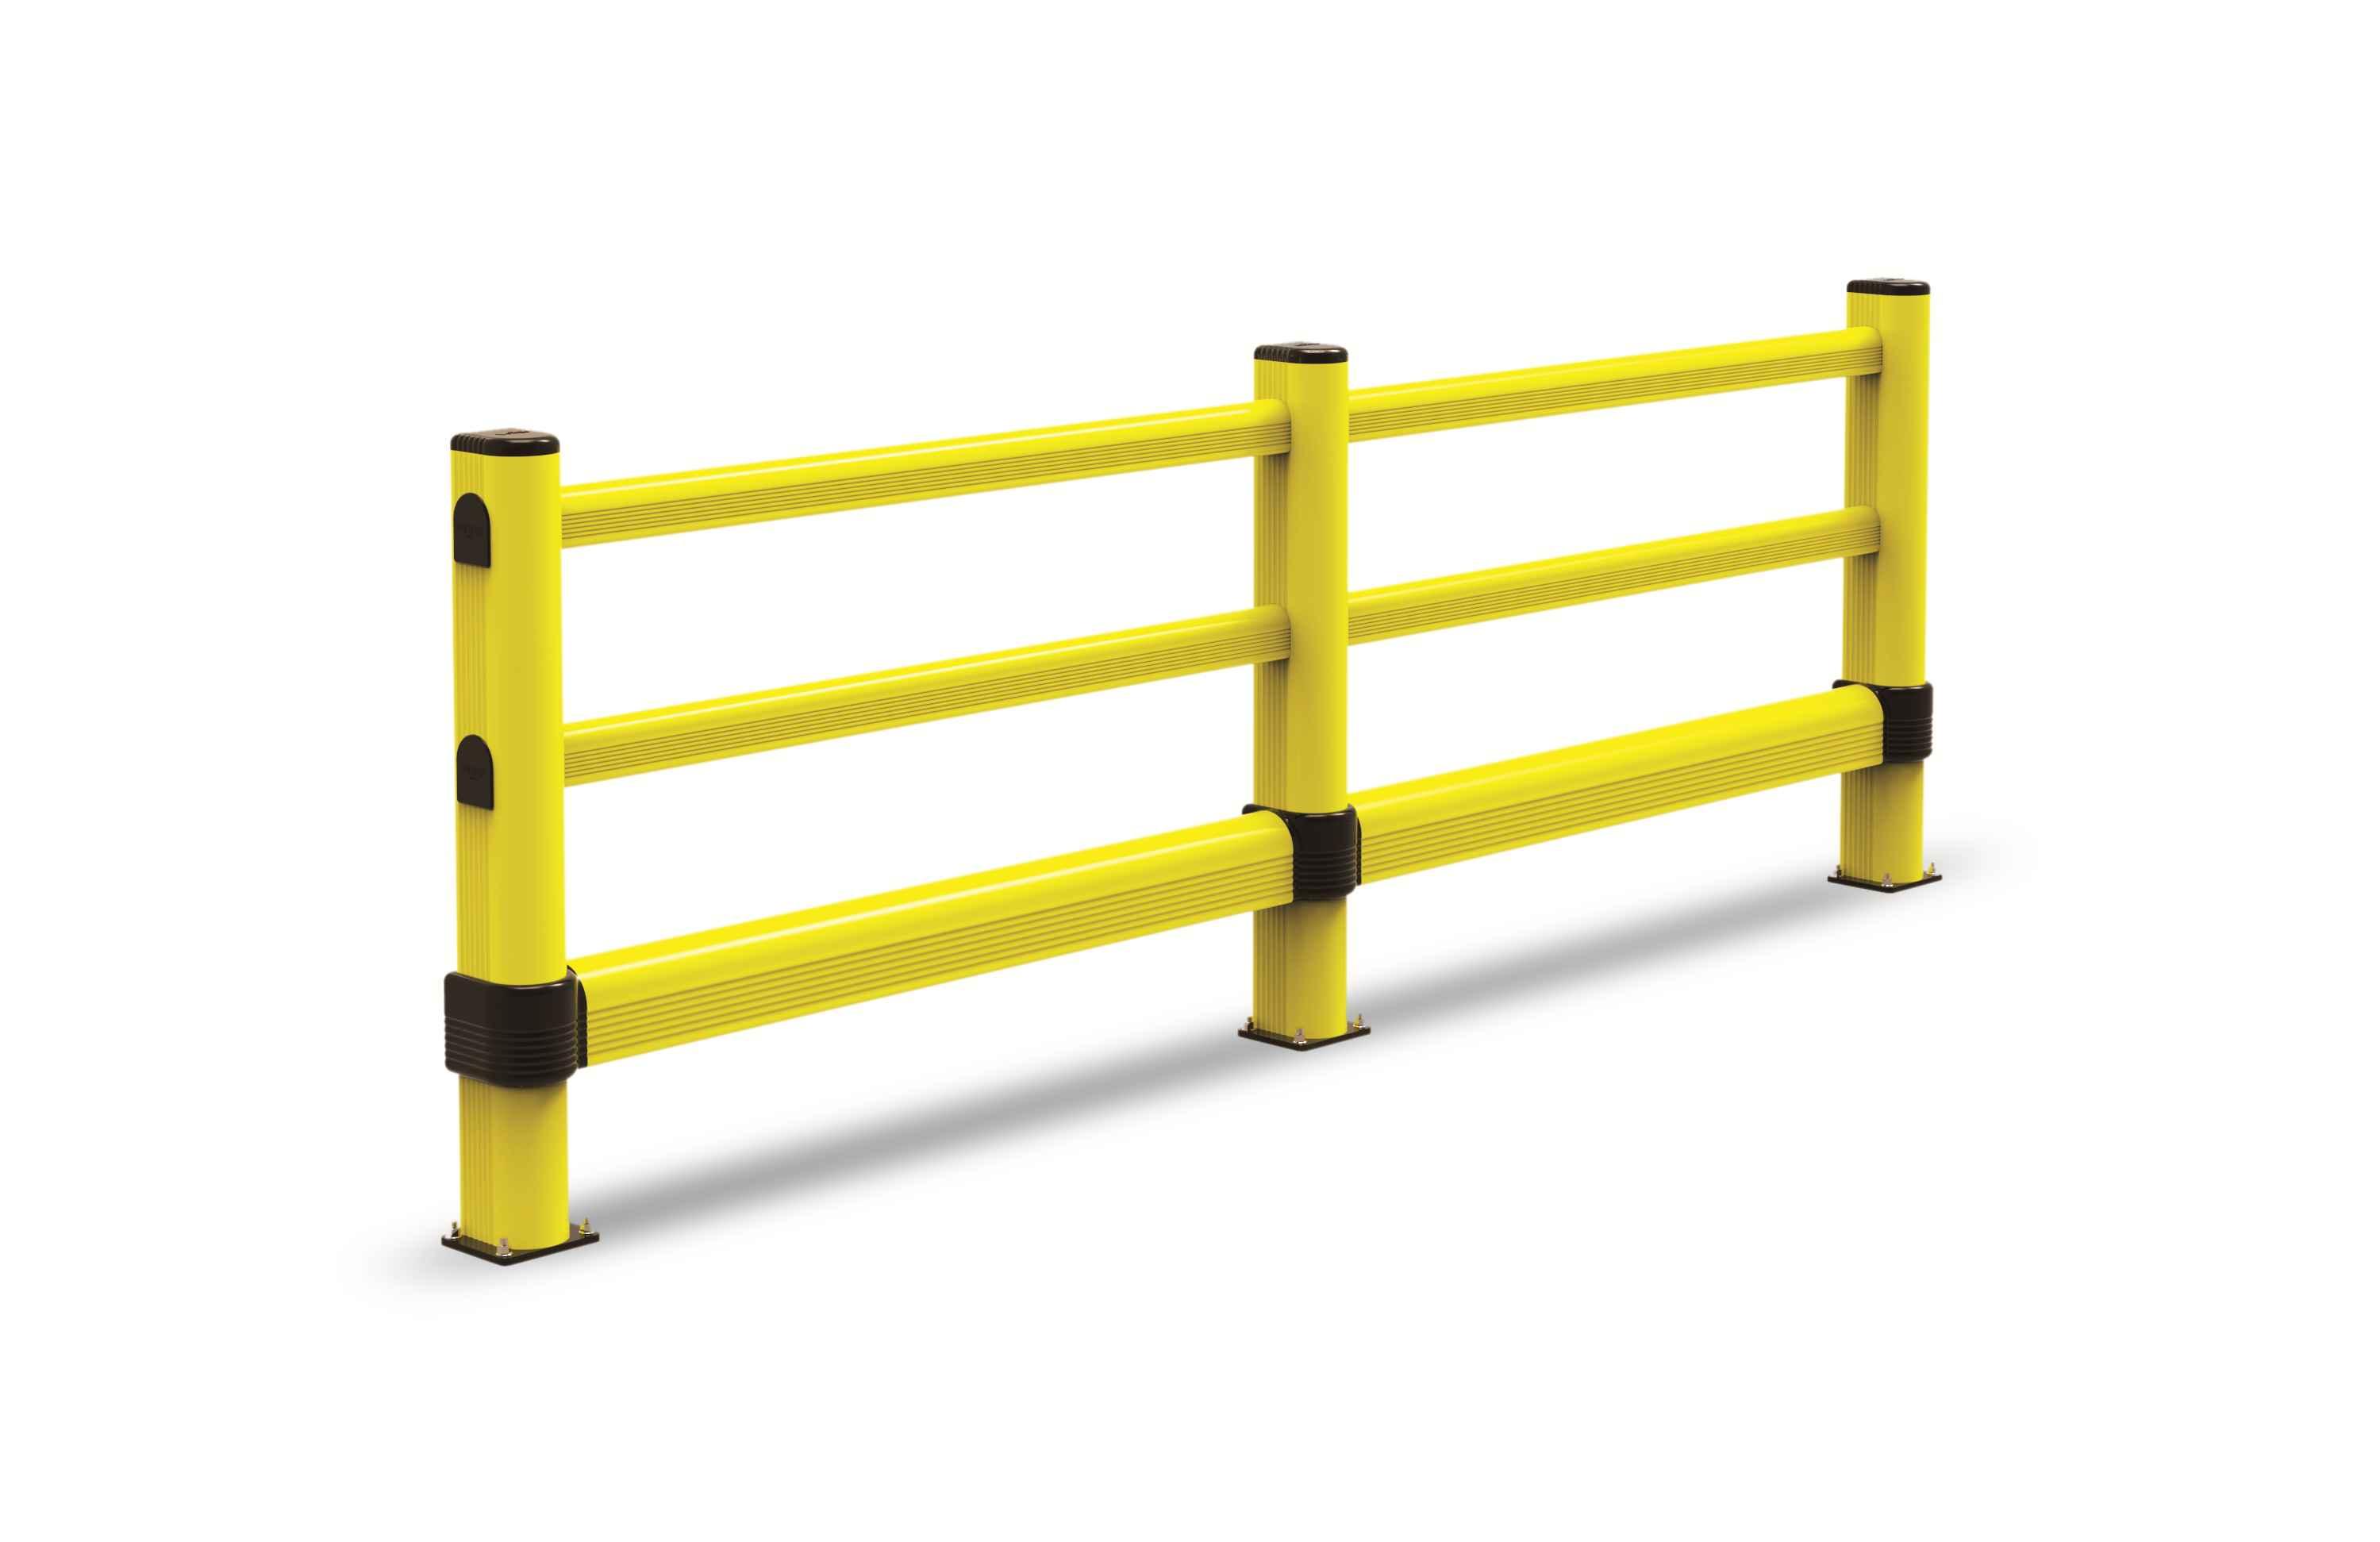 Modułowa elastyczna bariera L1 do dużych obciążeń 1150 mm x mb